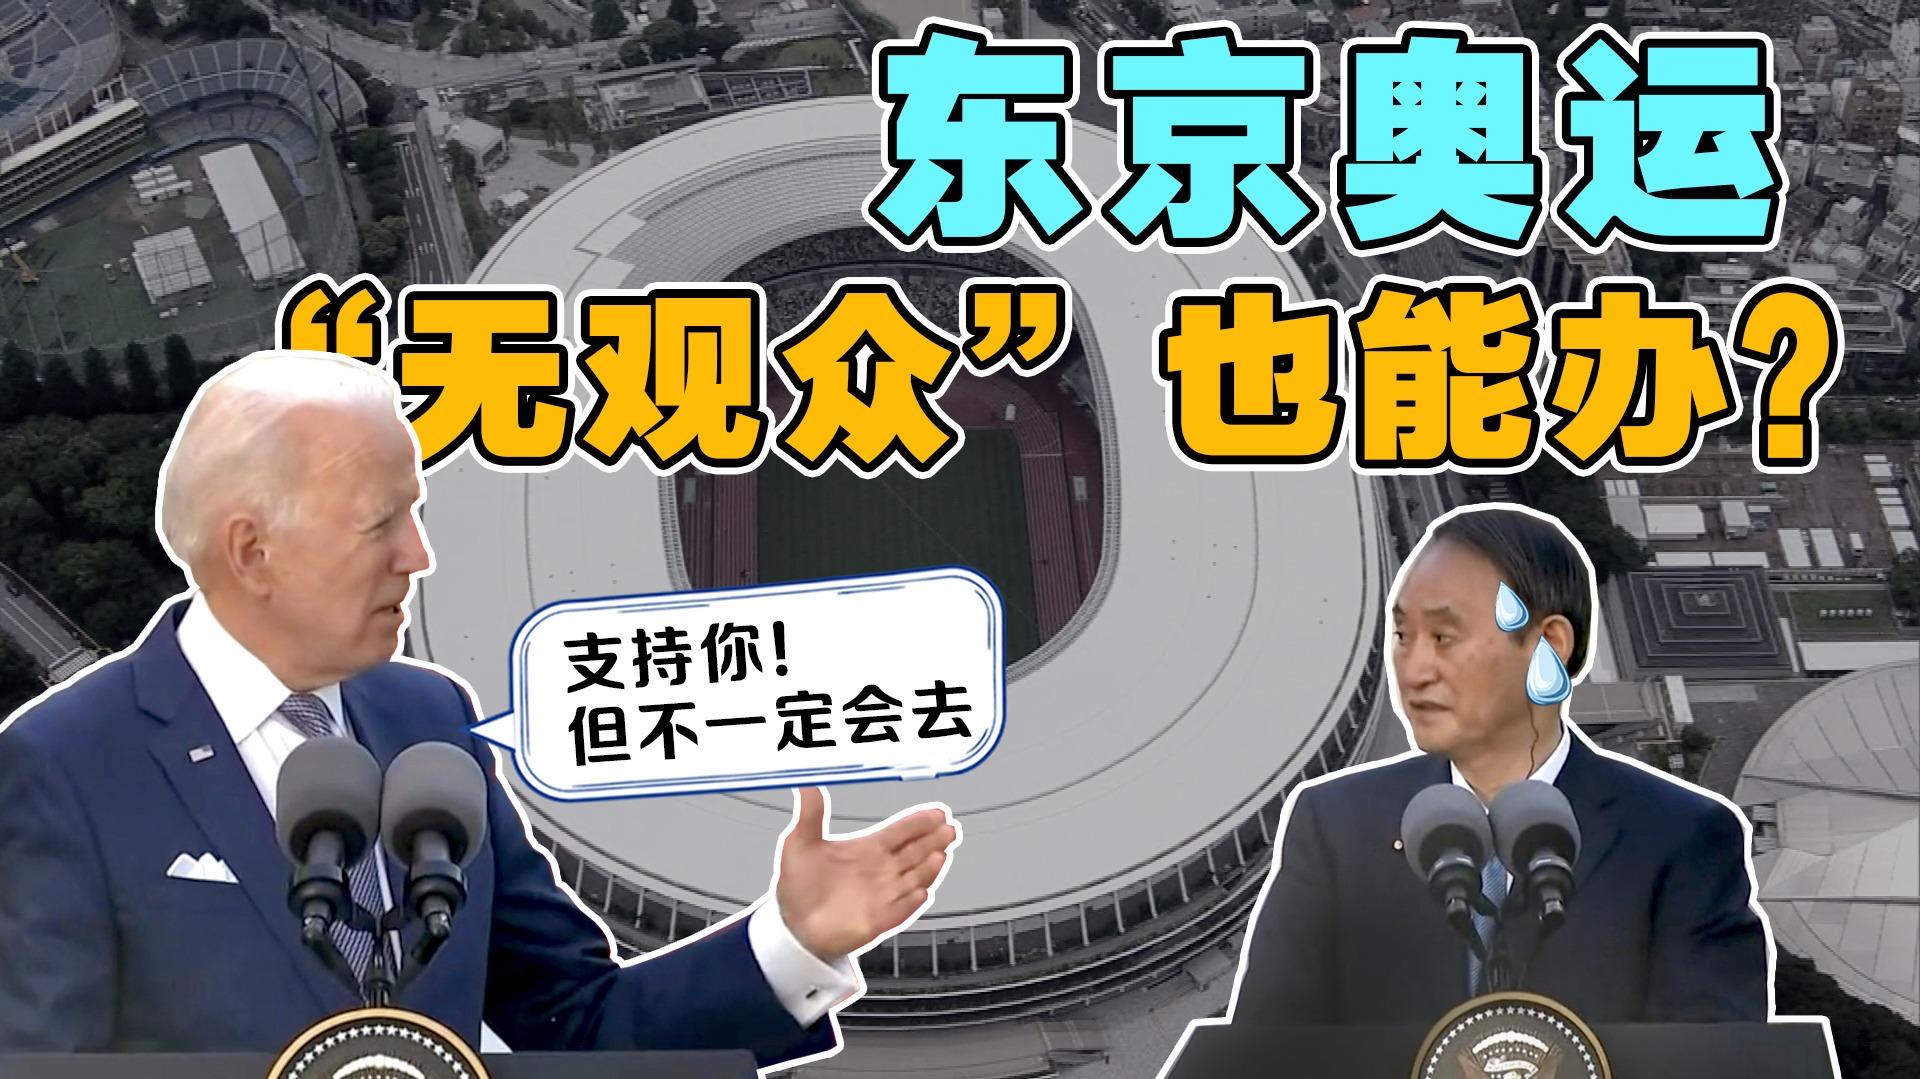 李淼的日本观察115:美国是否支持东京奥运?拜登态度暧昧不明